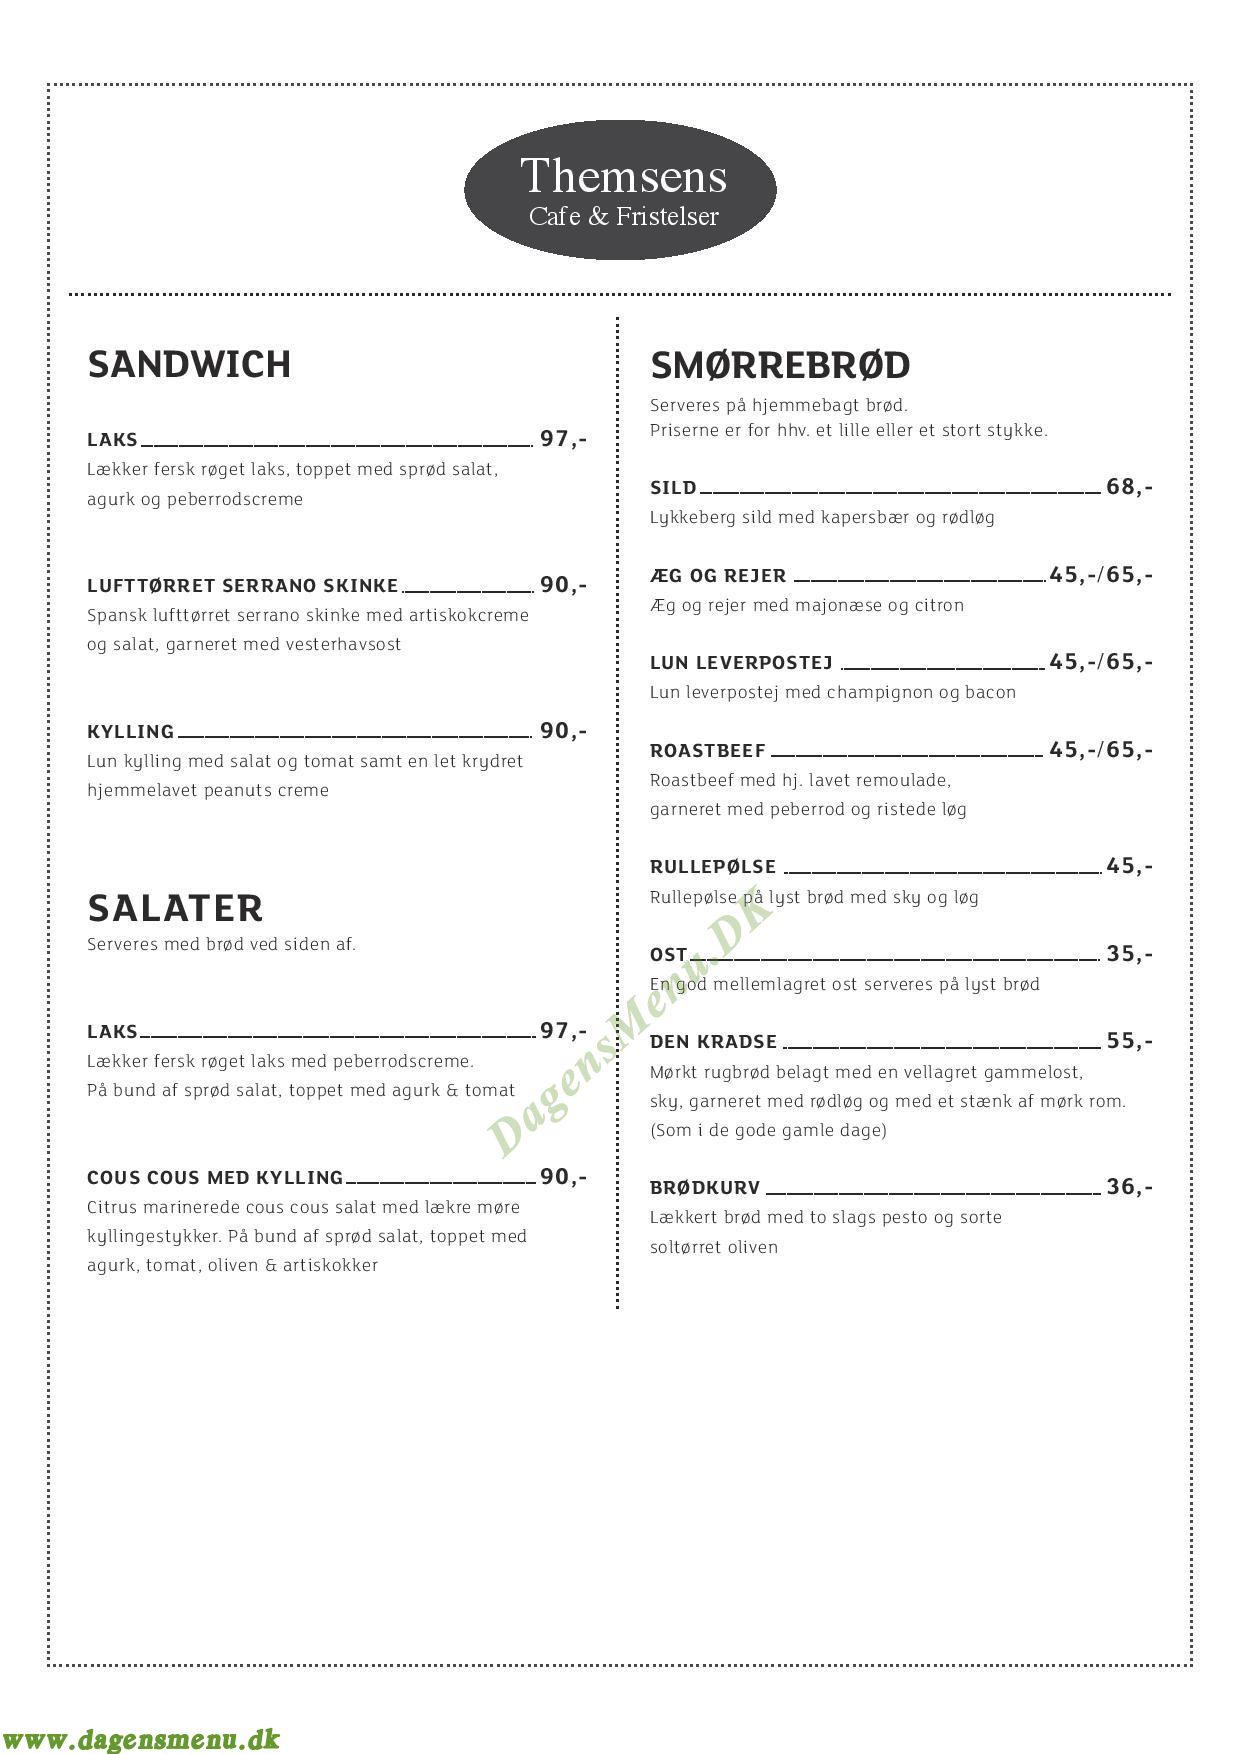 Themsens Cafe og Fristelser - Menukort